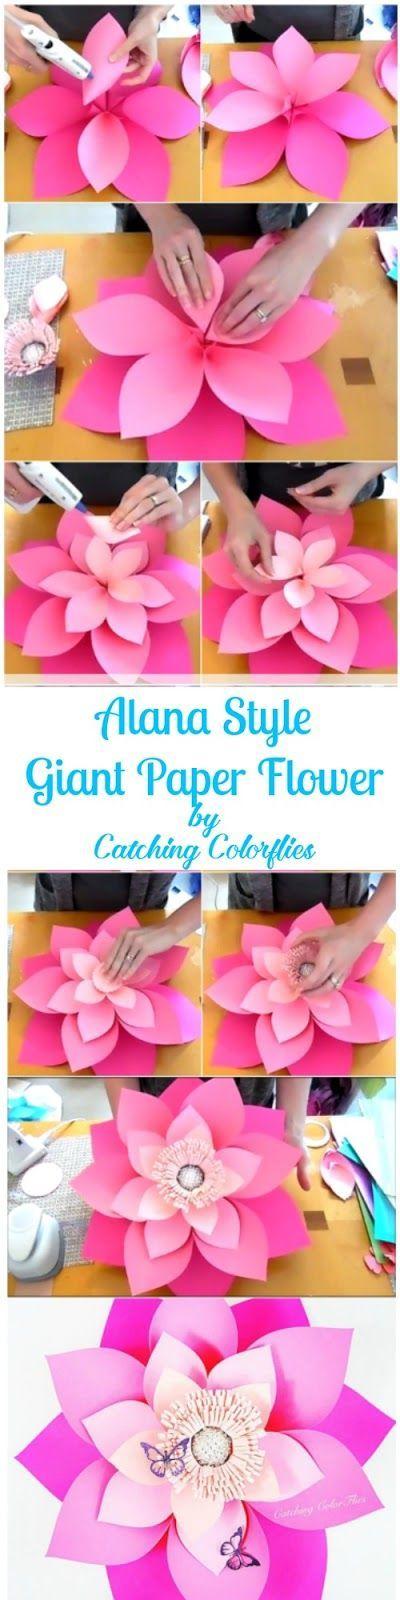 fleurs géantes tutoriel images et vidéo